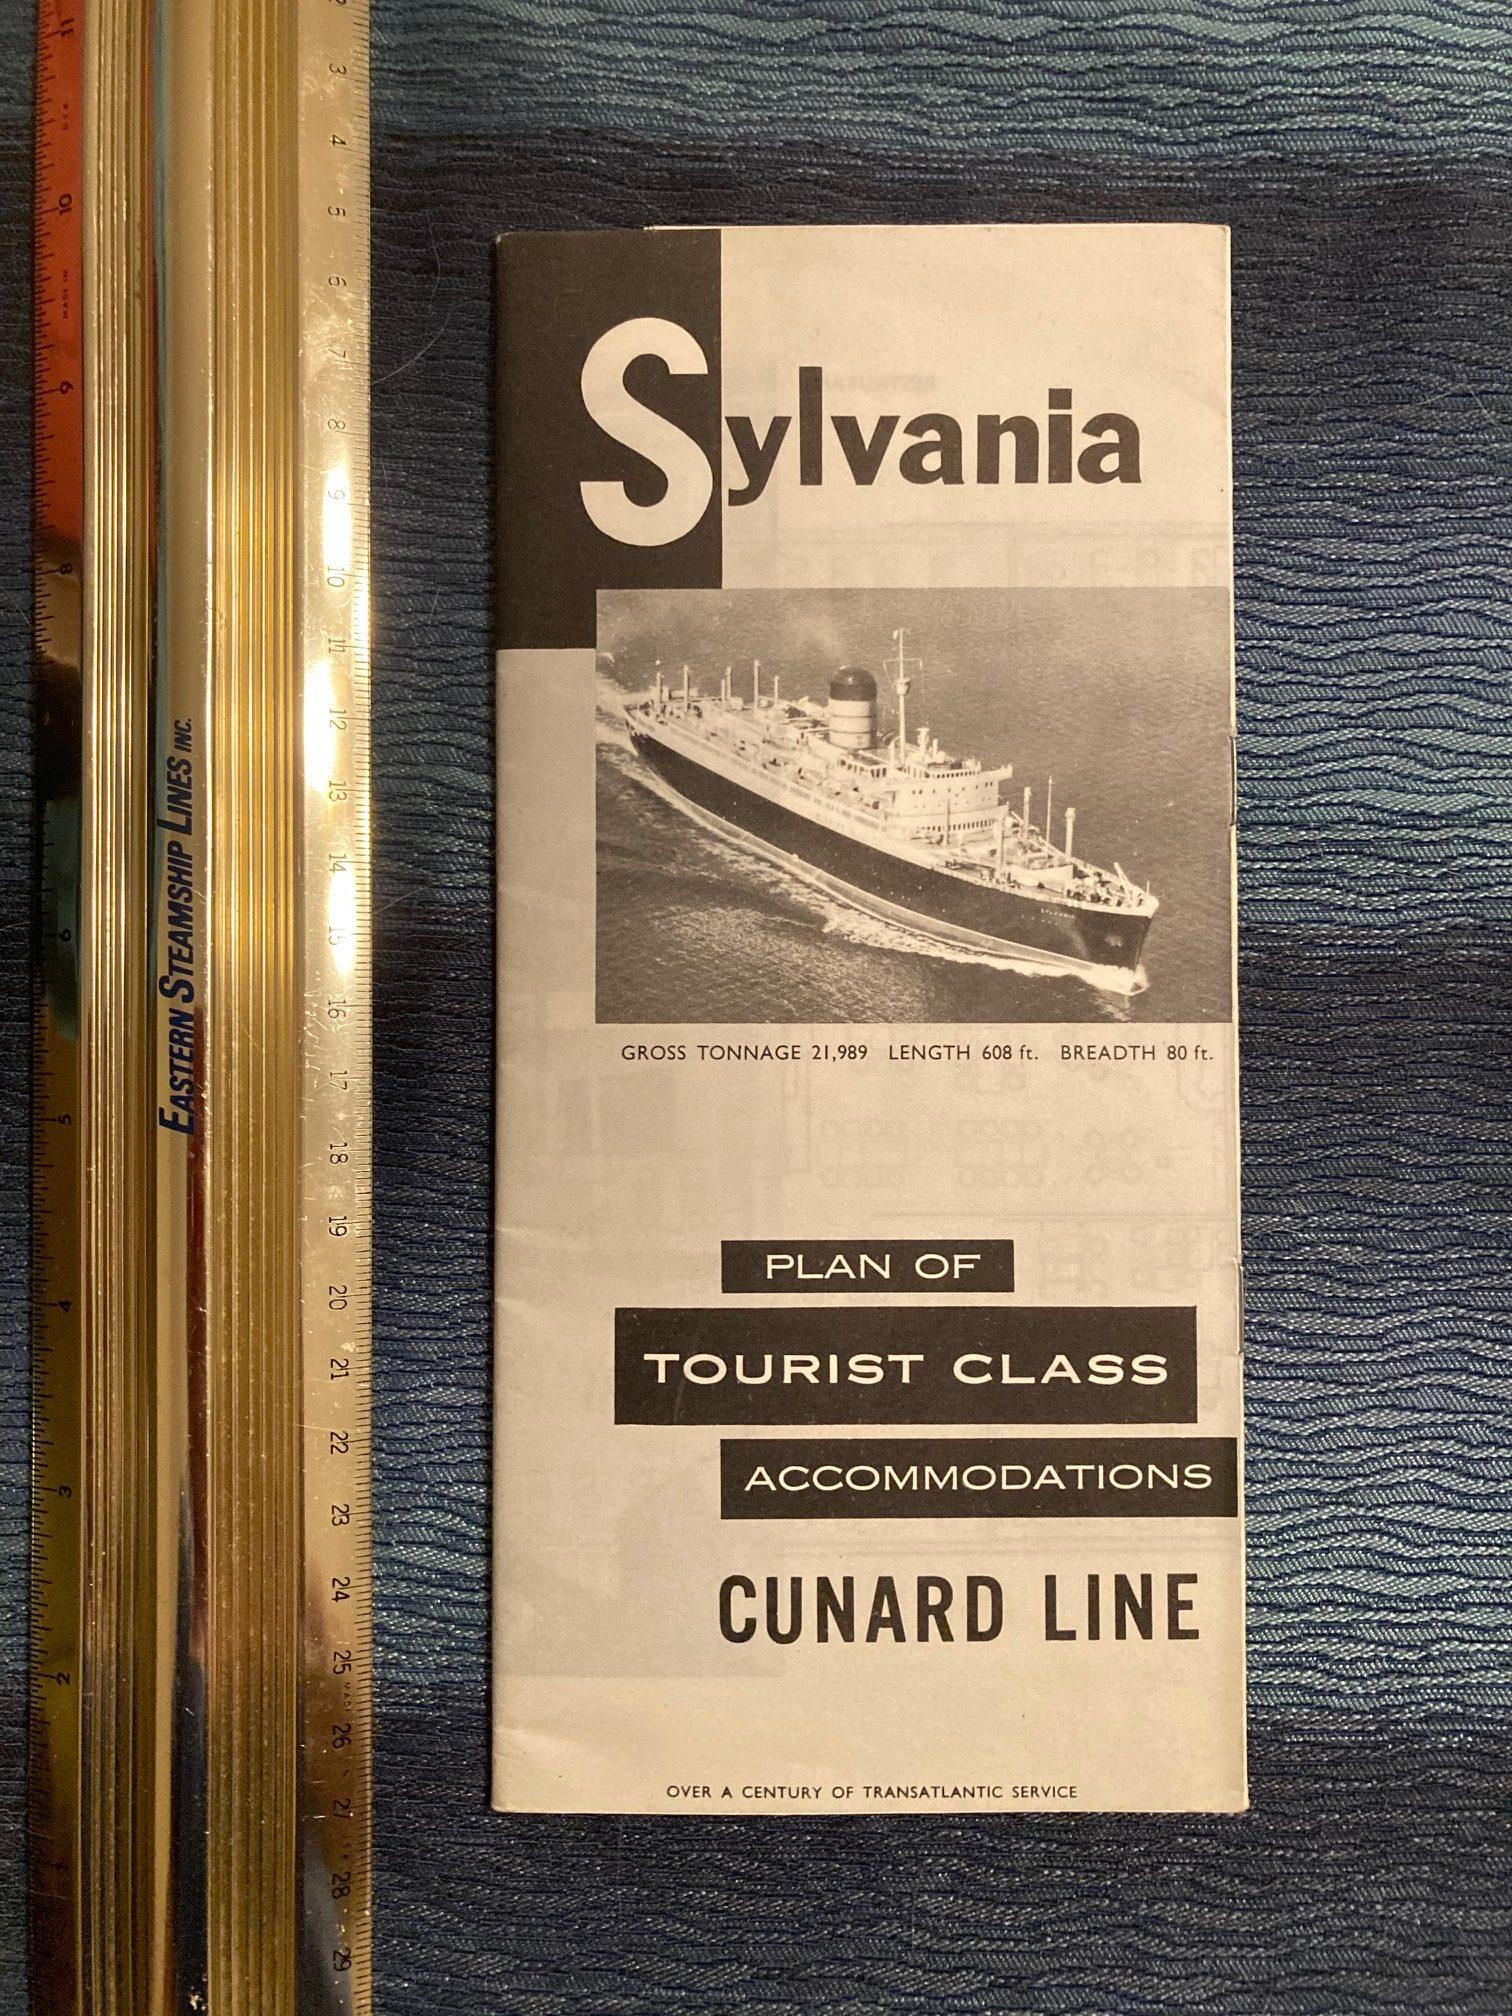 Cunard Line:  Sylvania Tourist Class Deck Plan